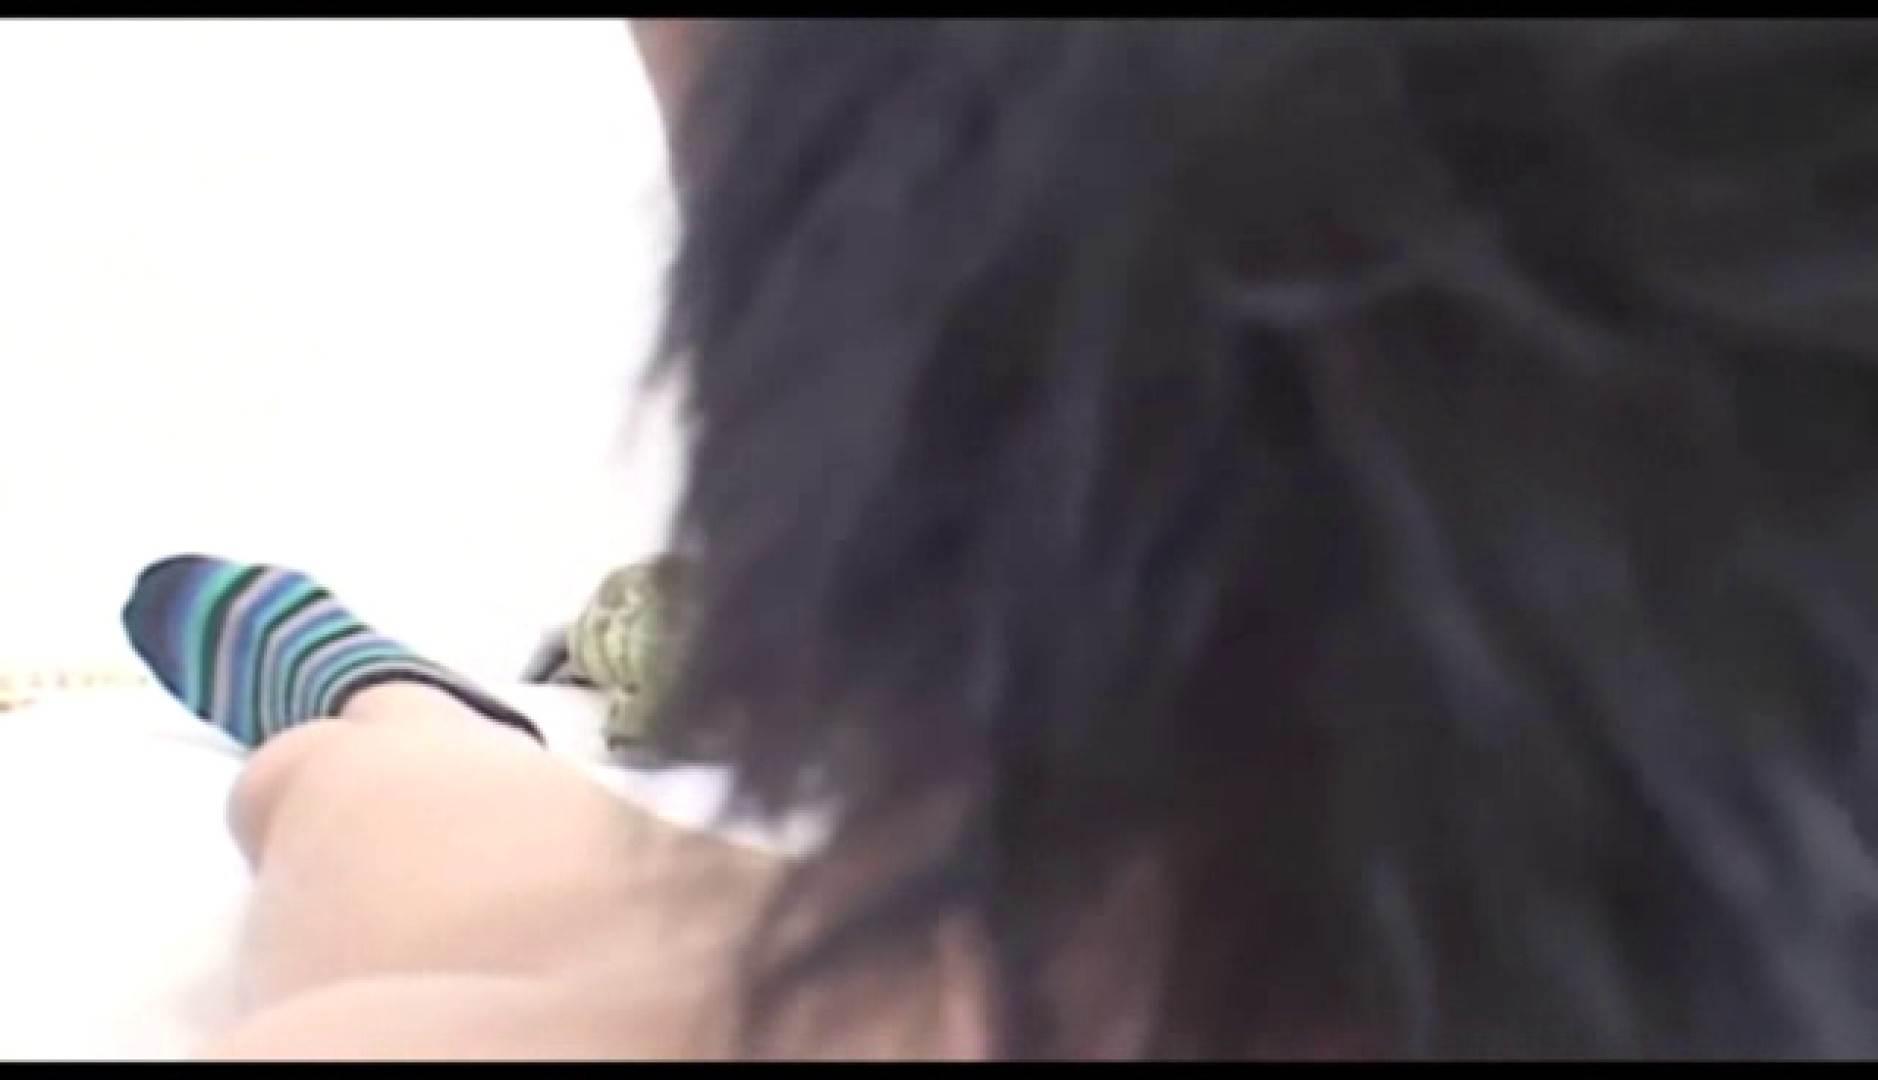 イケメンダブルス!Vol.01 発射瞬間 | エロ天国 ゲイ無修正ビデオ画像 11連発 9